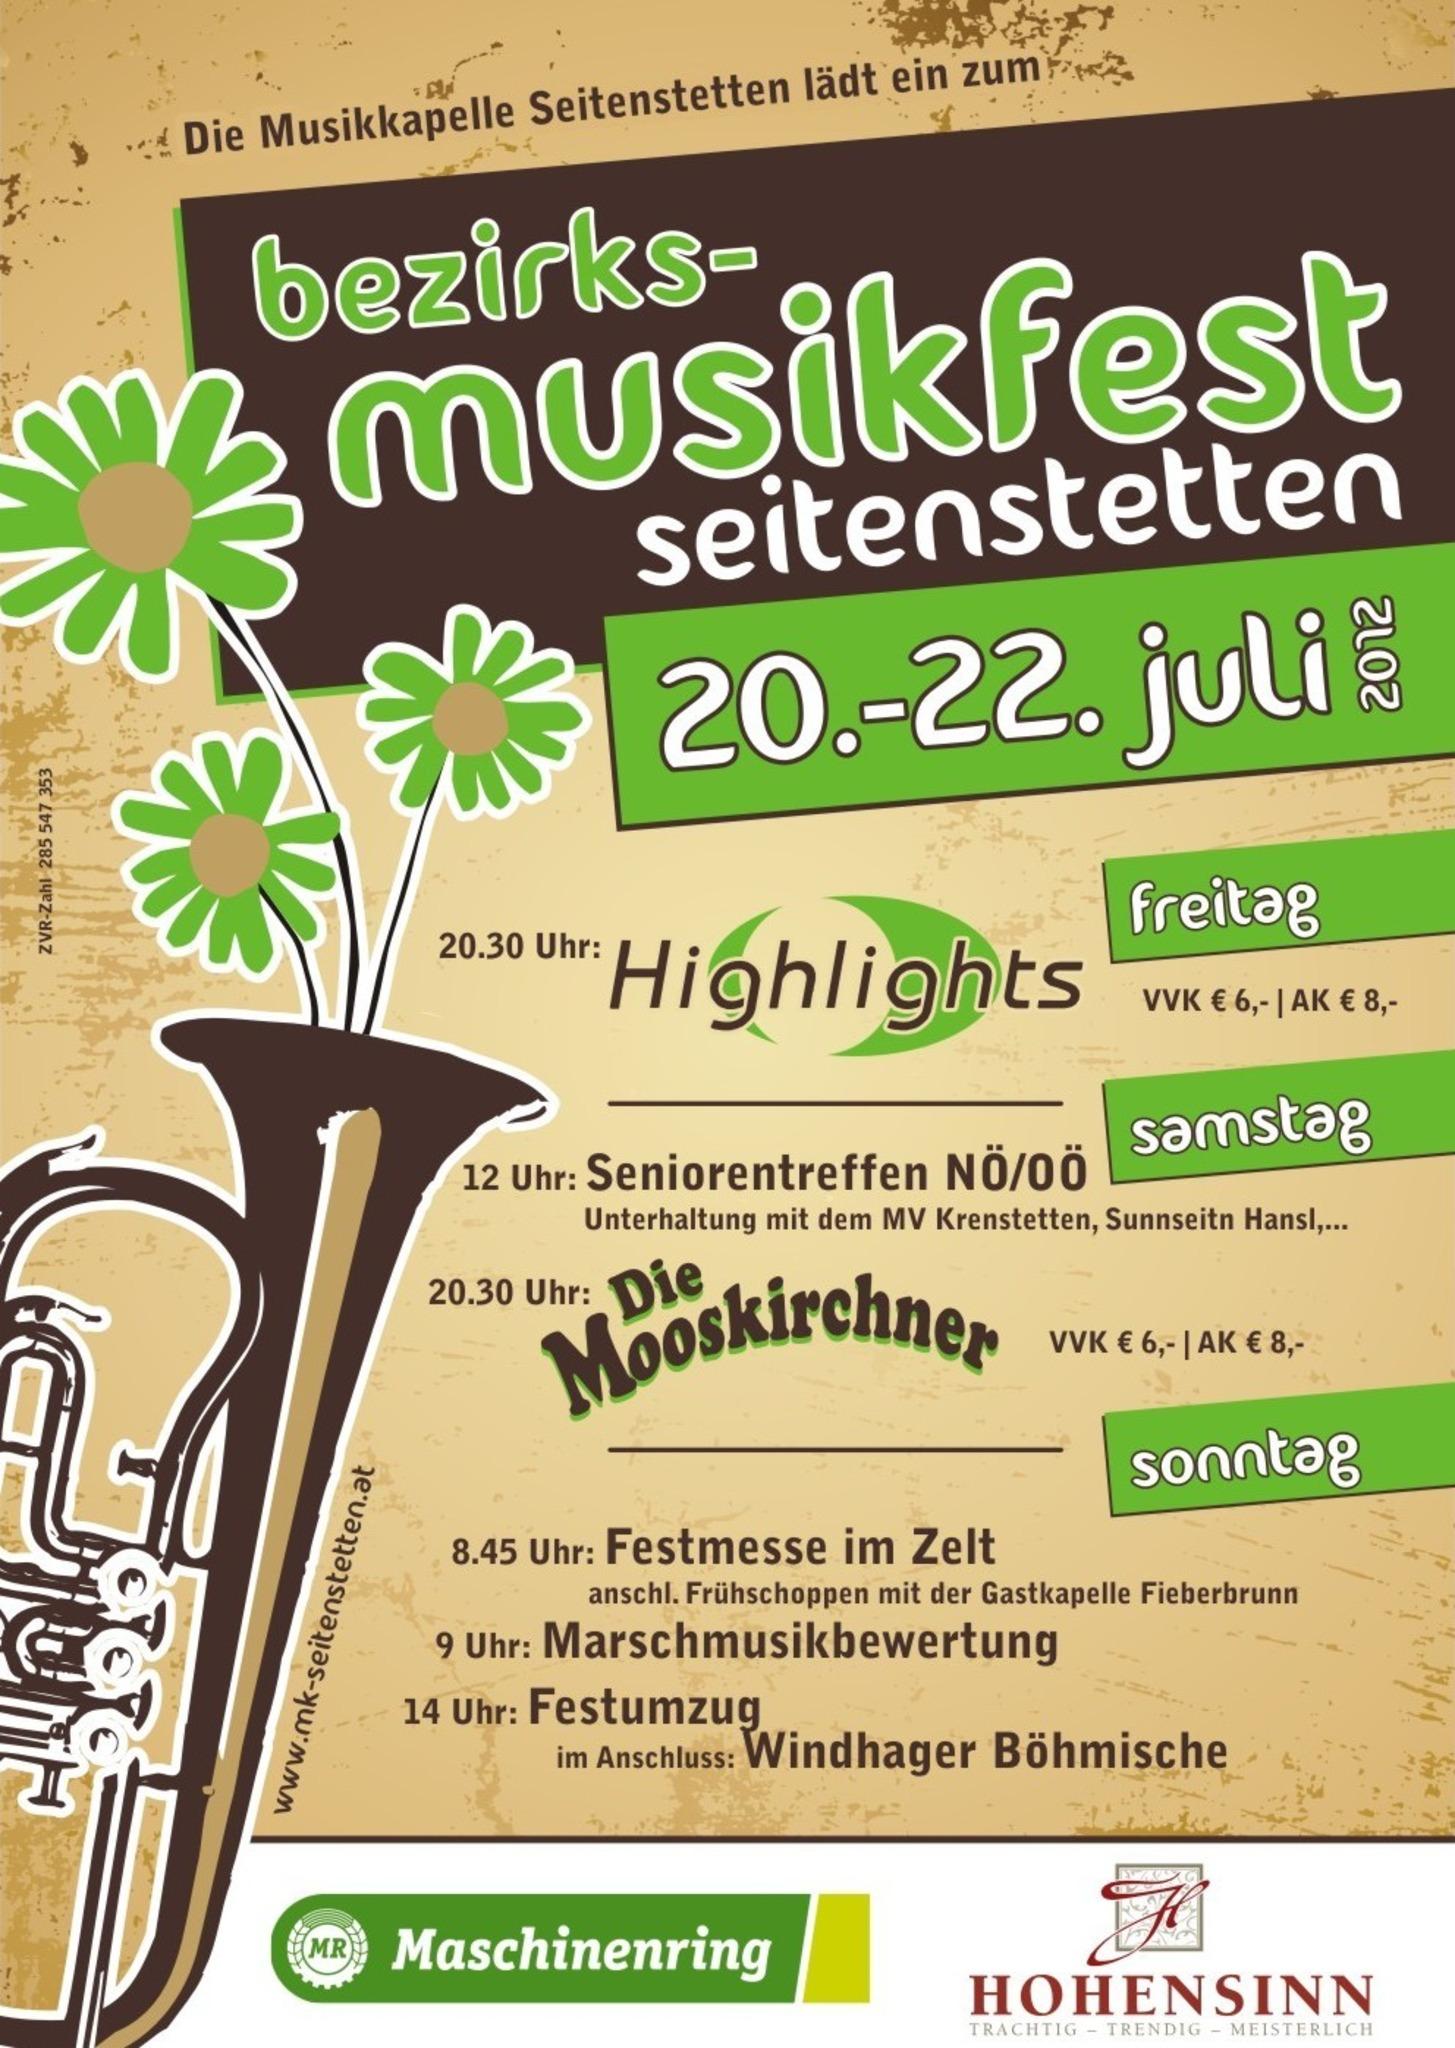 Bezirksmusikfest Seitenstetten 20. 22. Juli 2012 Amstetten